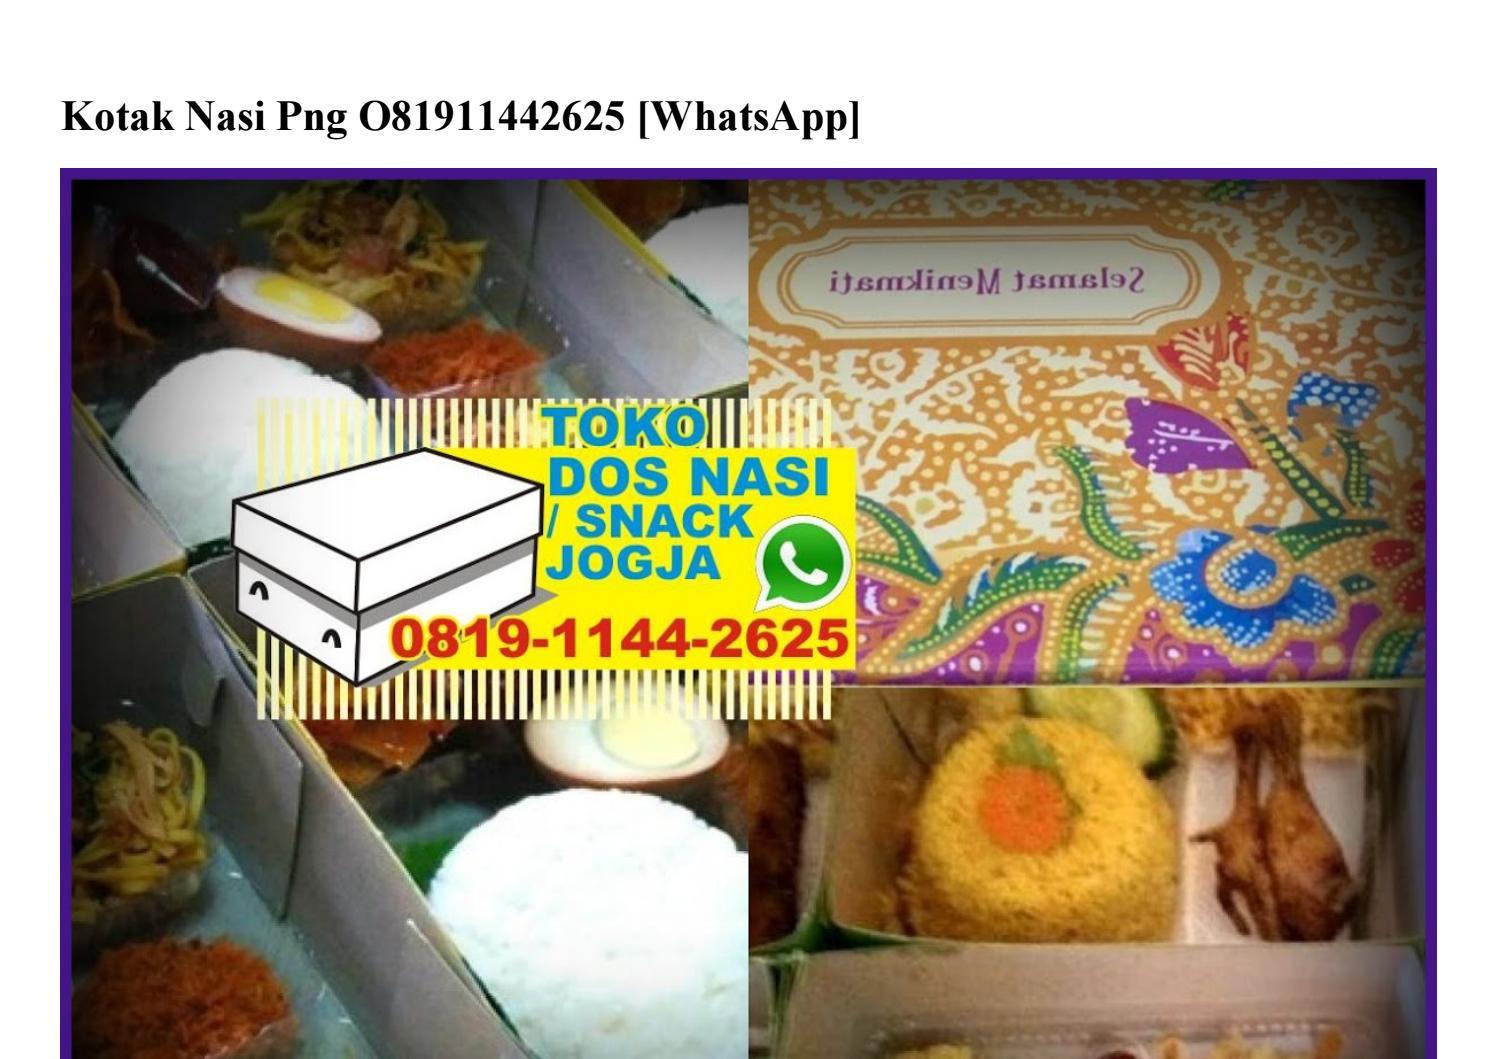 kotak nasi png o819 1144 2625 wa by durennanas61 issuu issuu